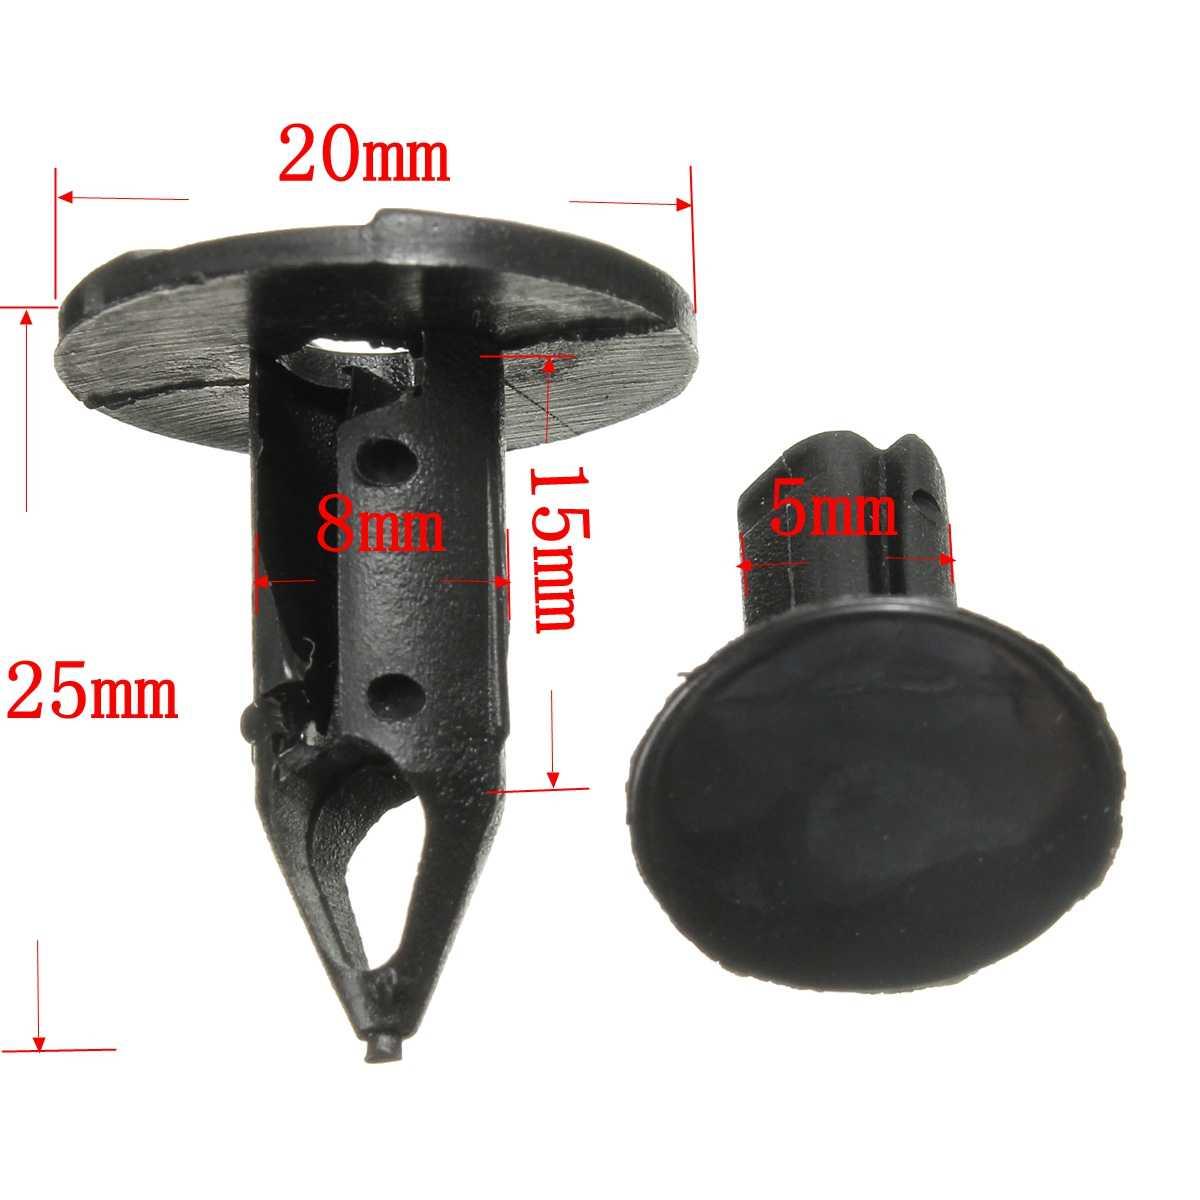 10 adet 20mm otomatik çamurluk genişletici çamurluk çamur Flaps tekerlek Arch tampon klipler raptiye LAND ROVER DISCOVERY P38 ANR2224